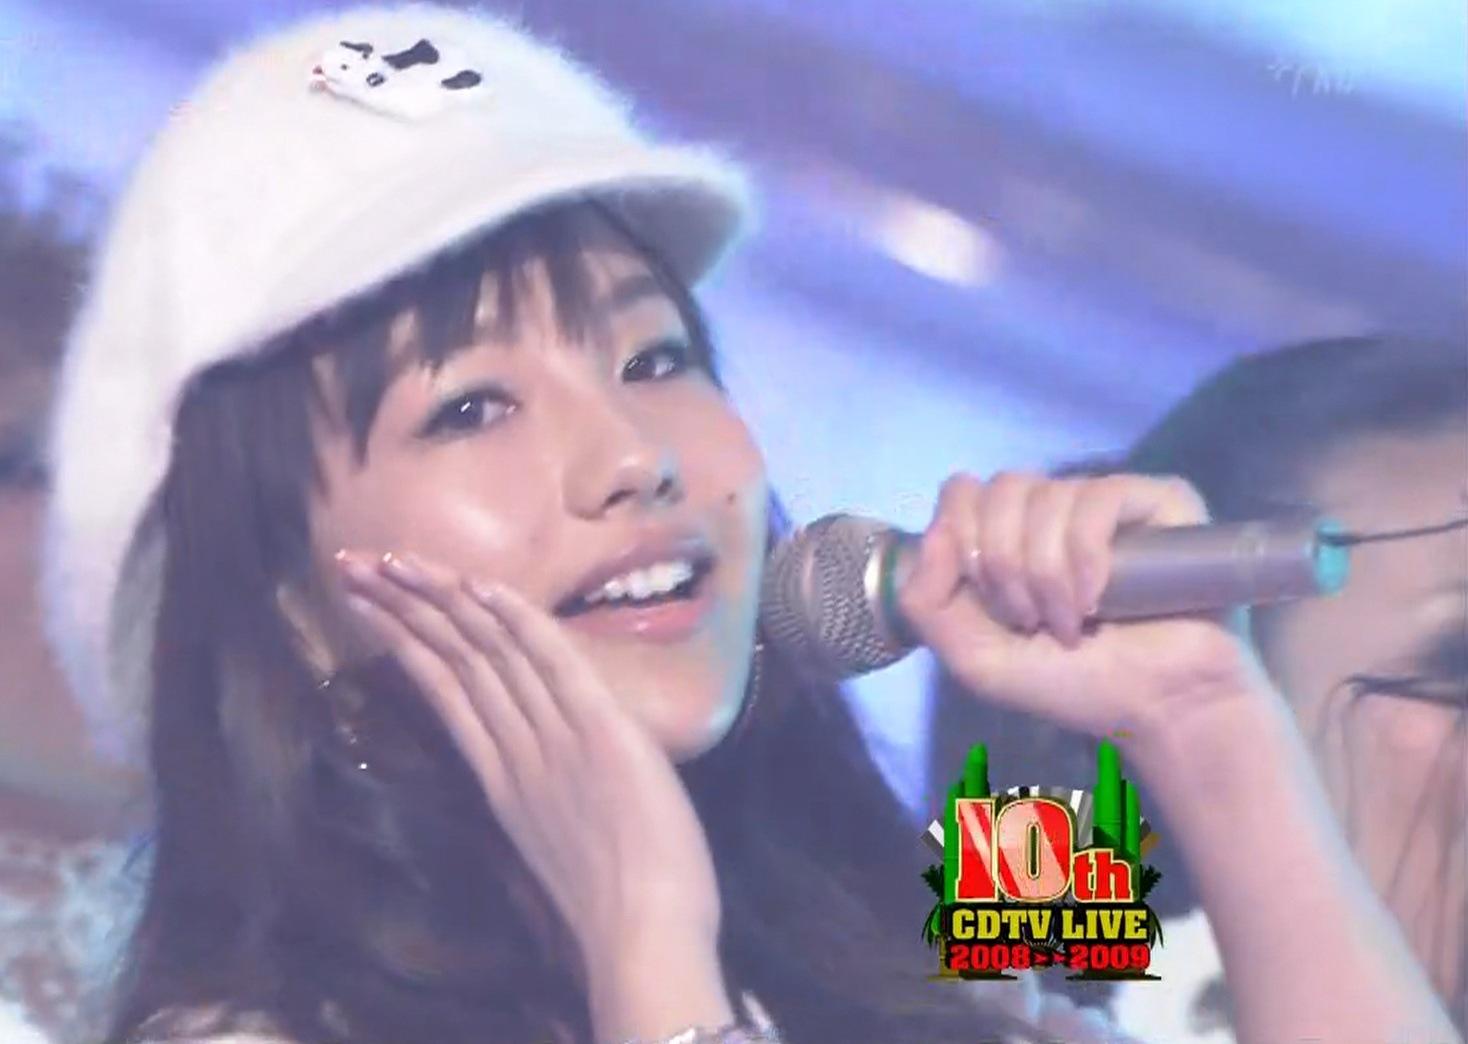 谷村奈南 CDTVキャプ画像(エロ・アイコラ画像)